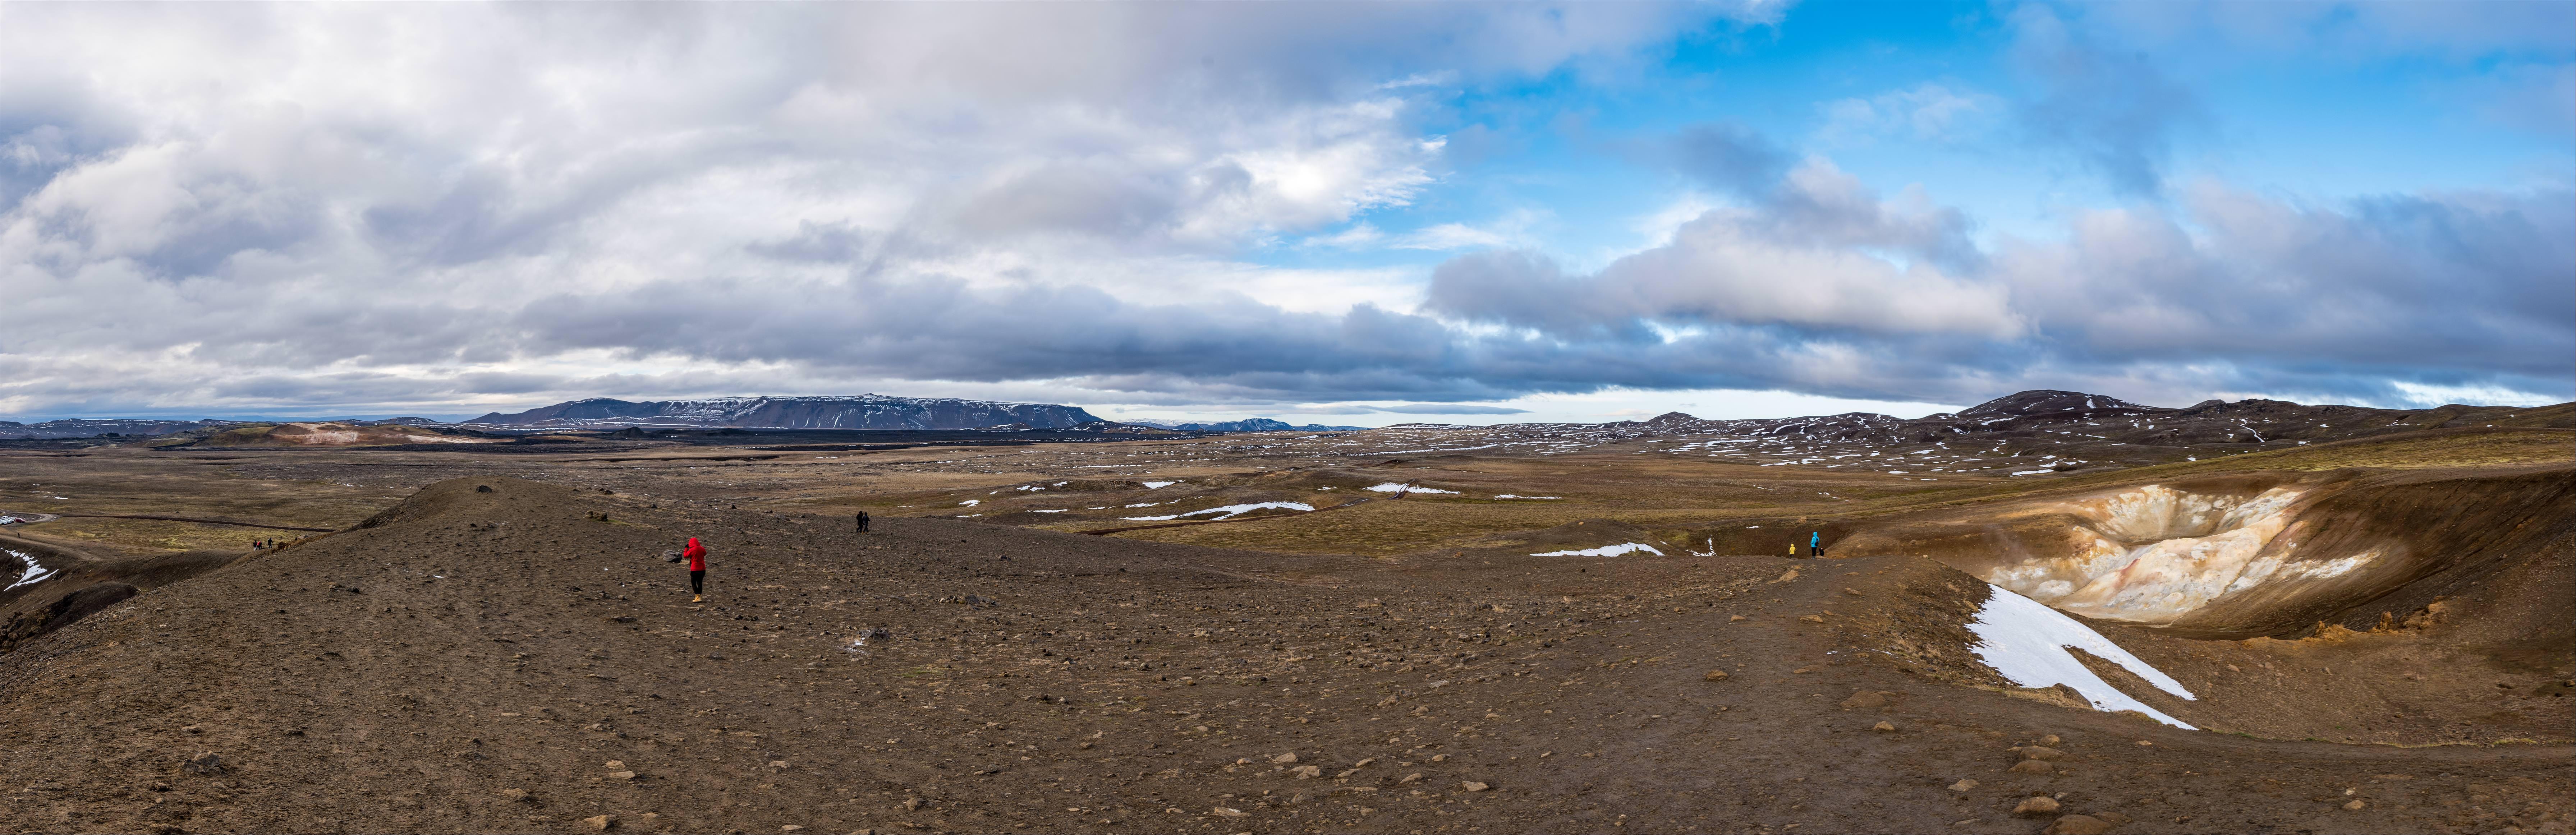 火口湖 Stora Viti